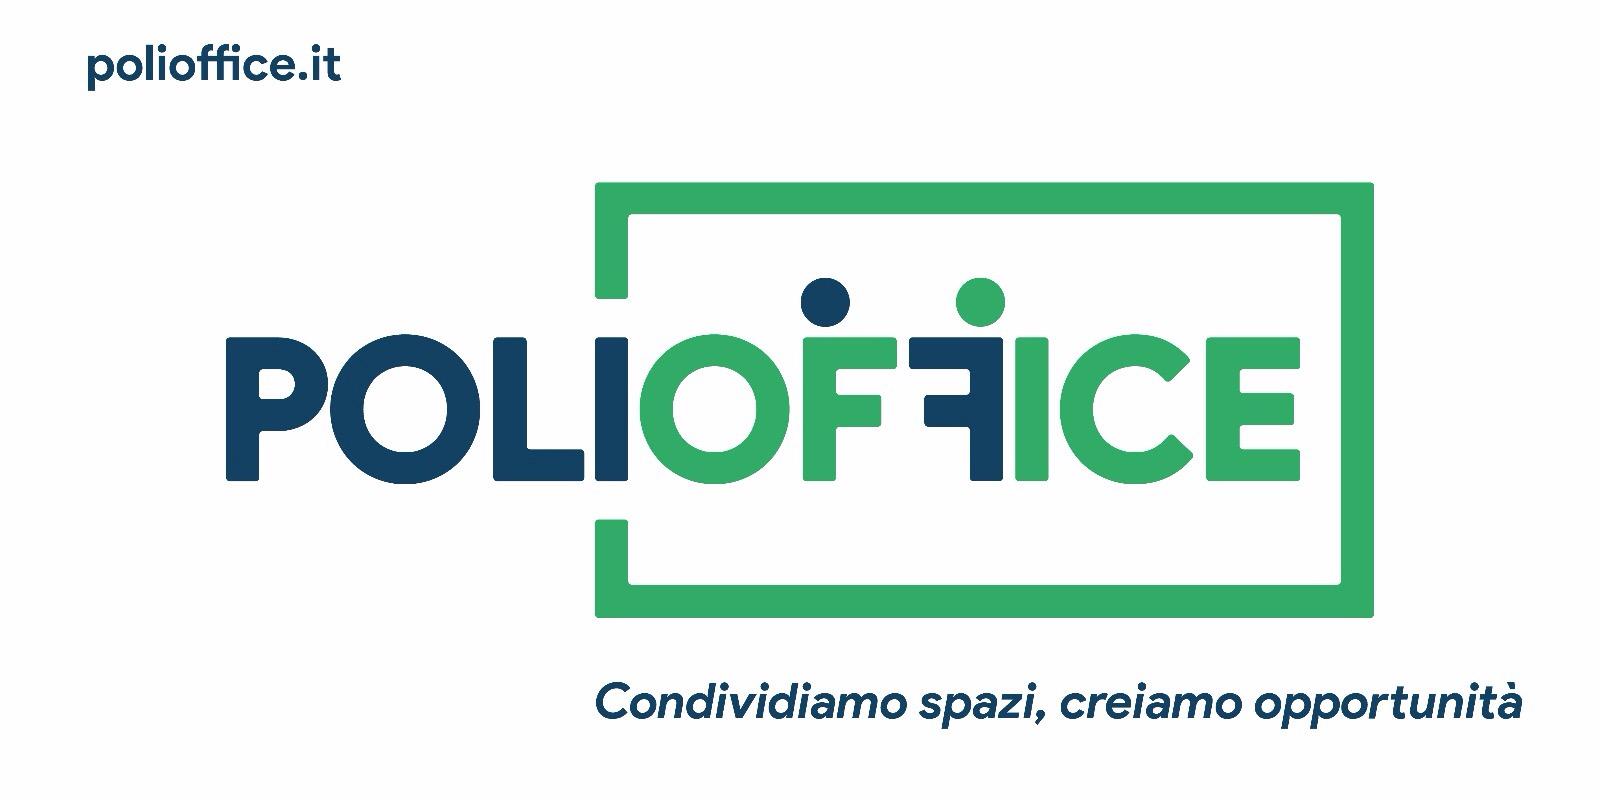 """PoliOffice """"condividiamo spazi, creiamo opportunità"""". A Policoro apre PoliOffice: tra coworking e business center. Un nuovo locale con quattro stanze per un progetto semplice che mira a condividere spazi e a creare nuove opportunità lavorative"""